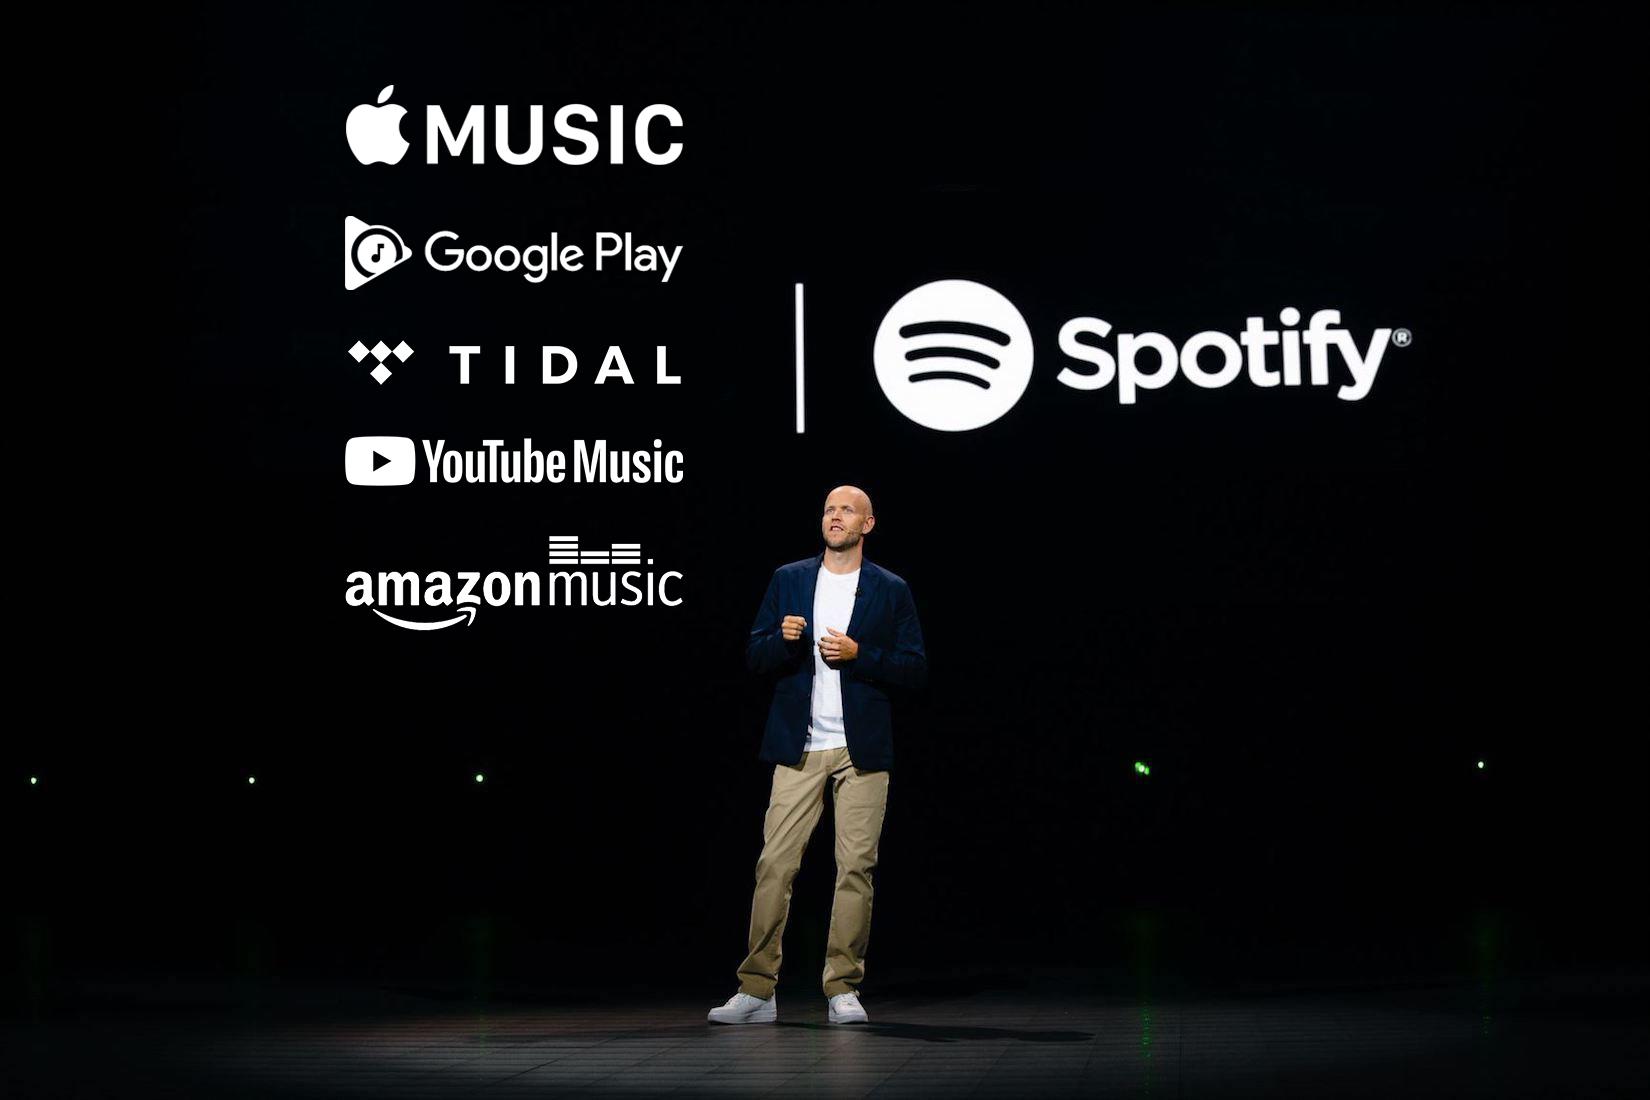 برنده بازار خونین موسیقی کدام است؟ اپل، گوگل، آمازون یا اسپاتیفای؟